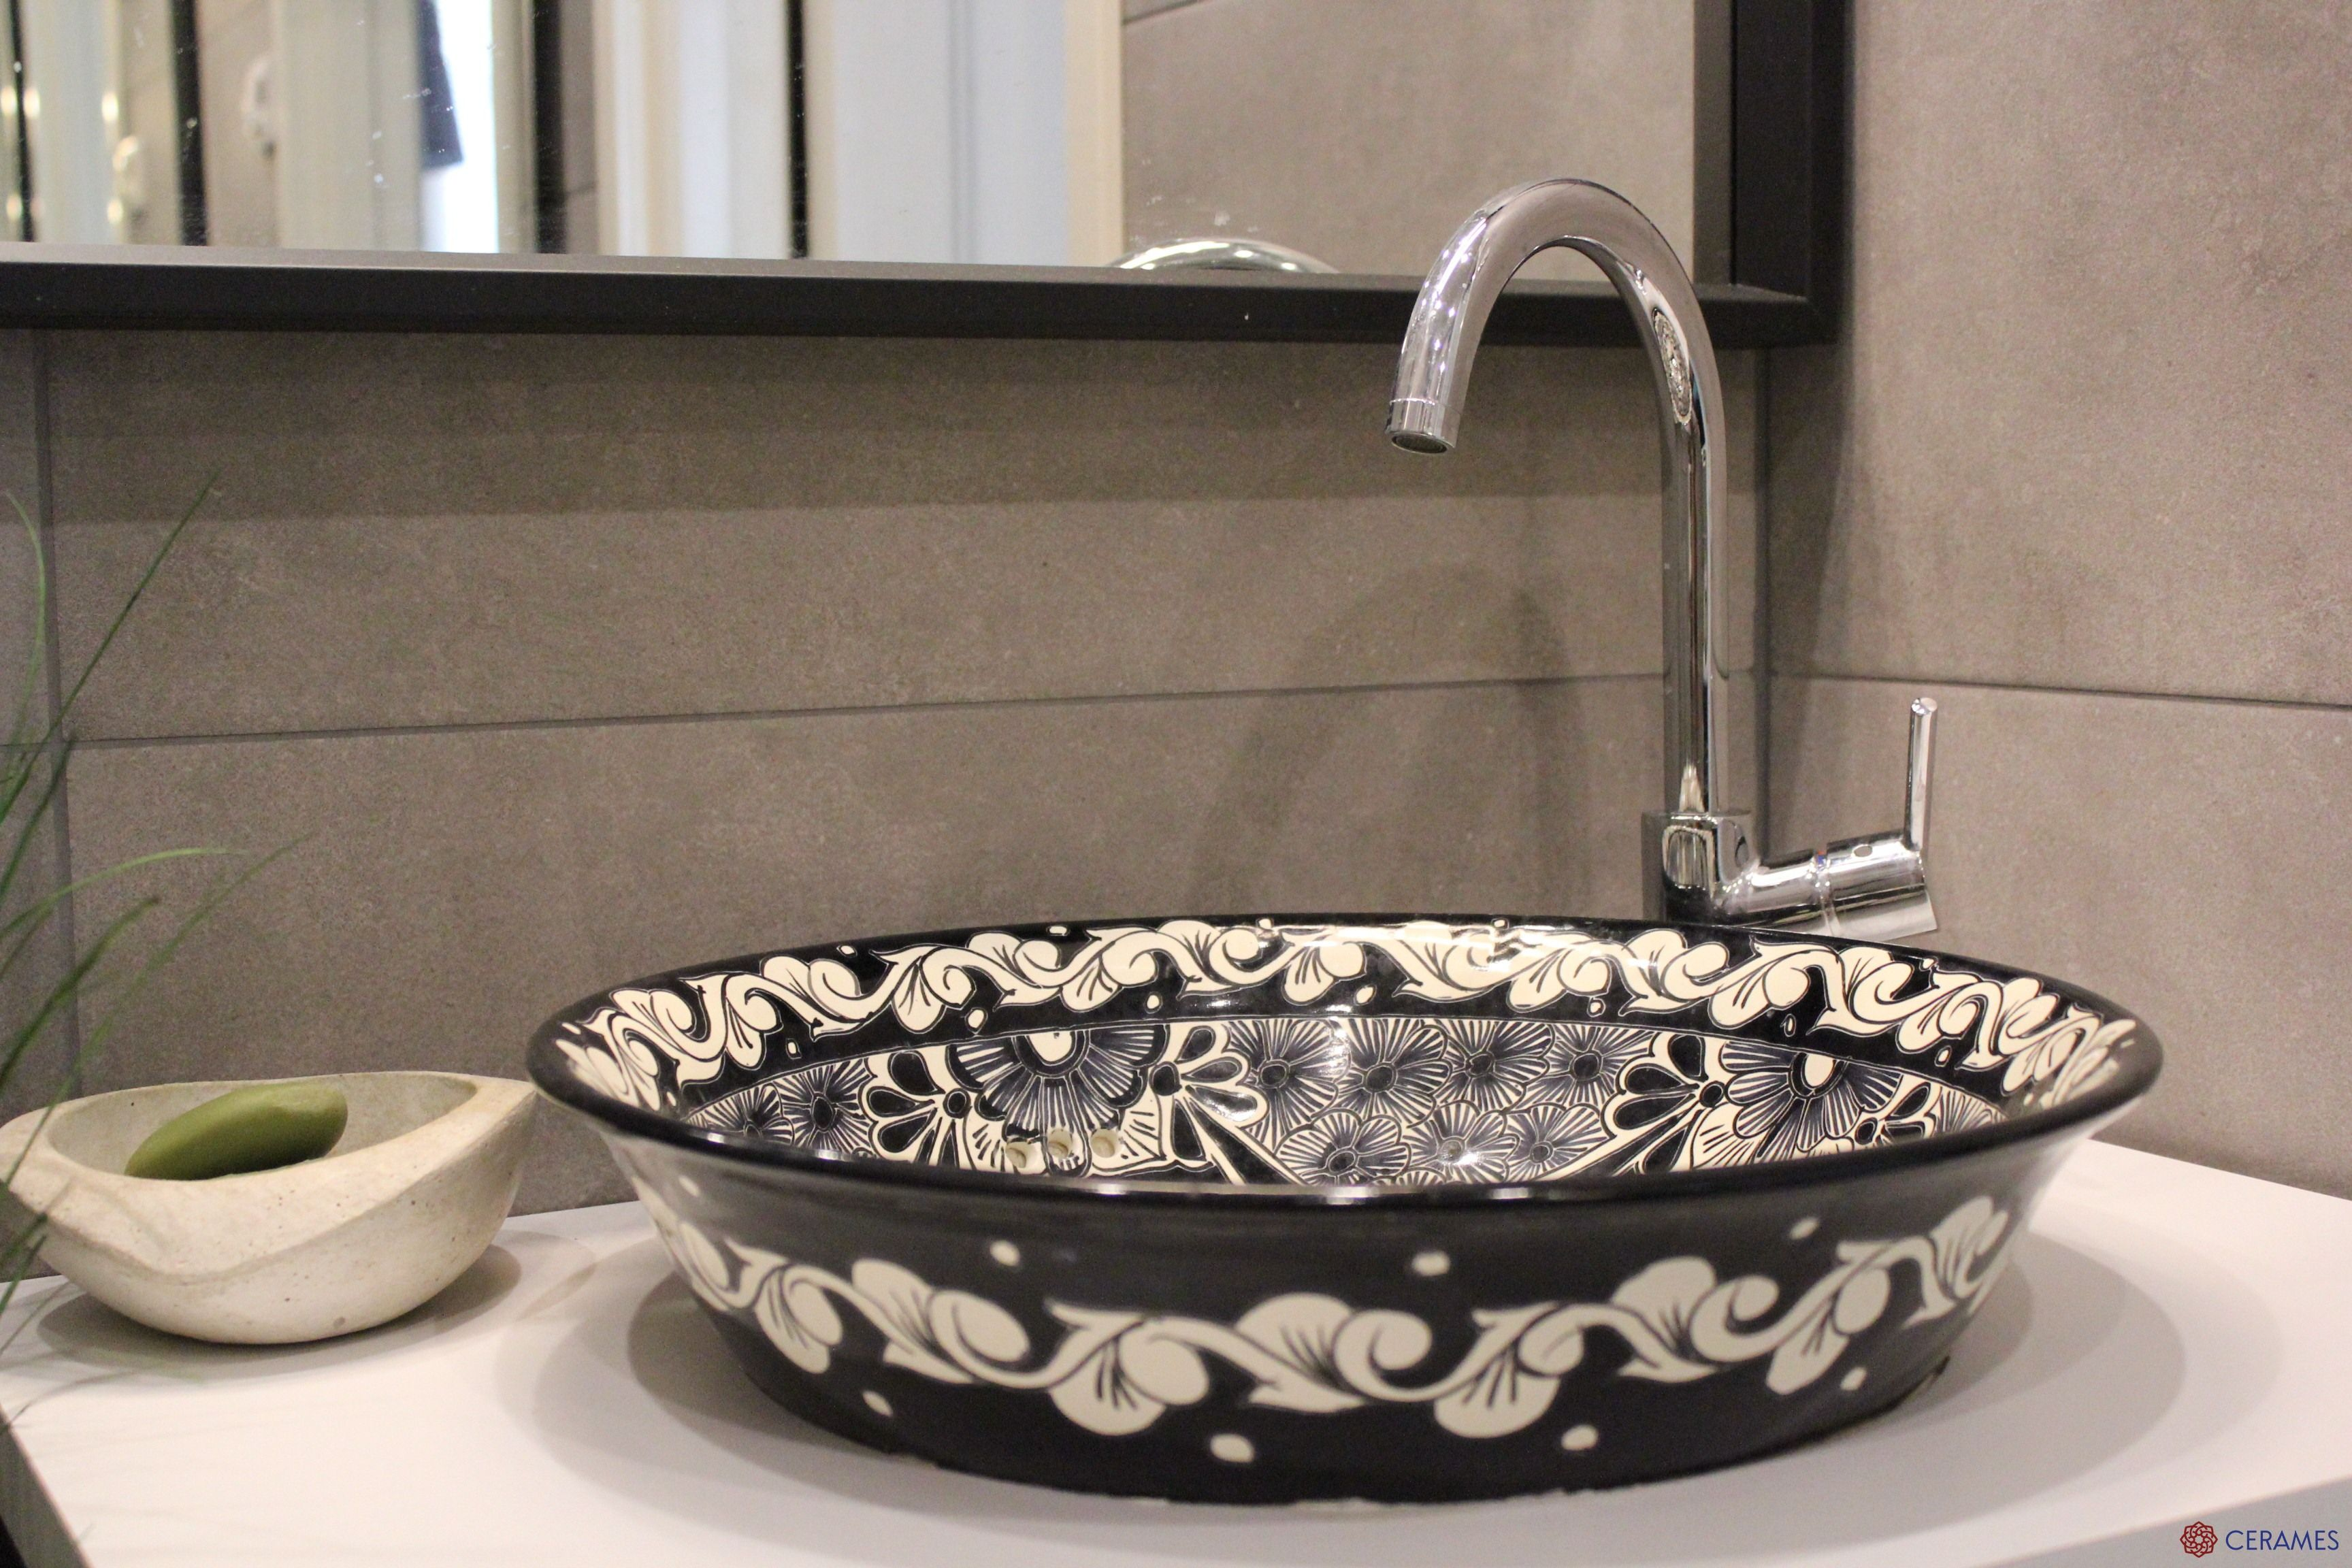 Schwarz Mexikanische Waschbecken Mexikanische Badezimmer Ideen Mexikanischewaschbecken Waschbecken Badezimmer Waschbecken Gaste Wc Keramik Waschbecken